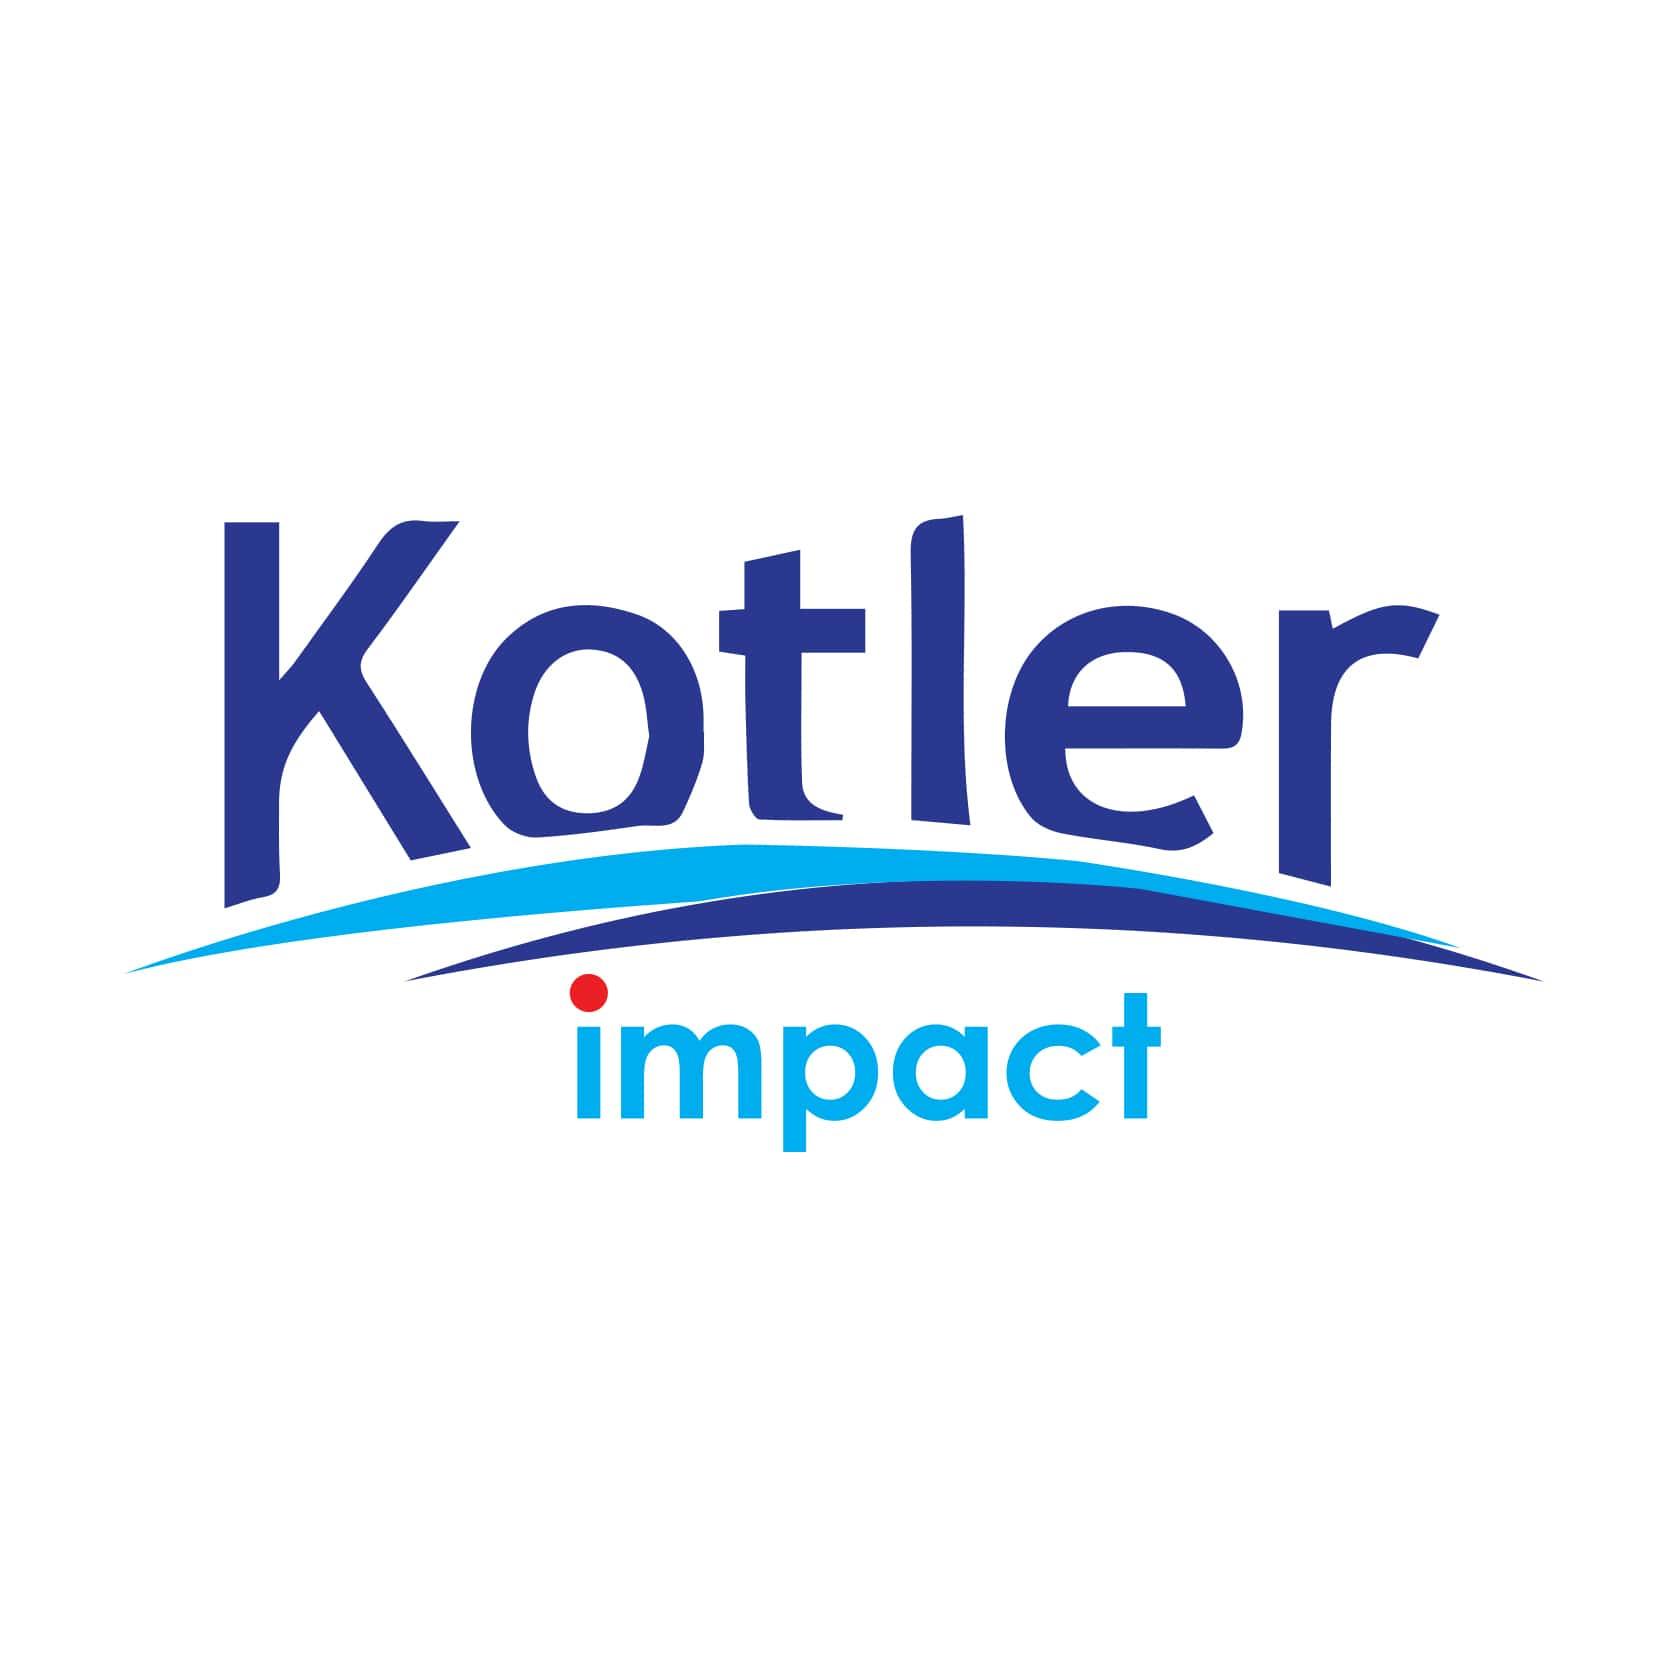 kotler impact-min